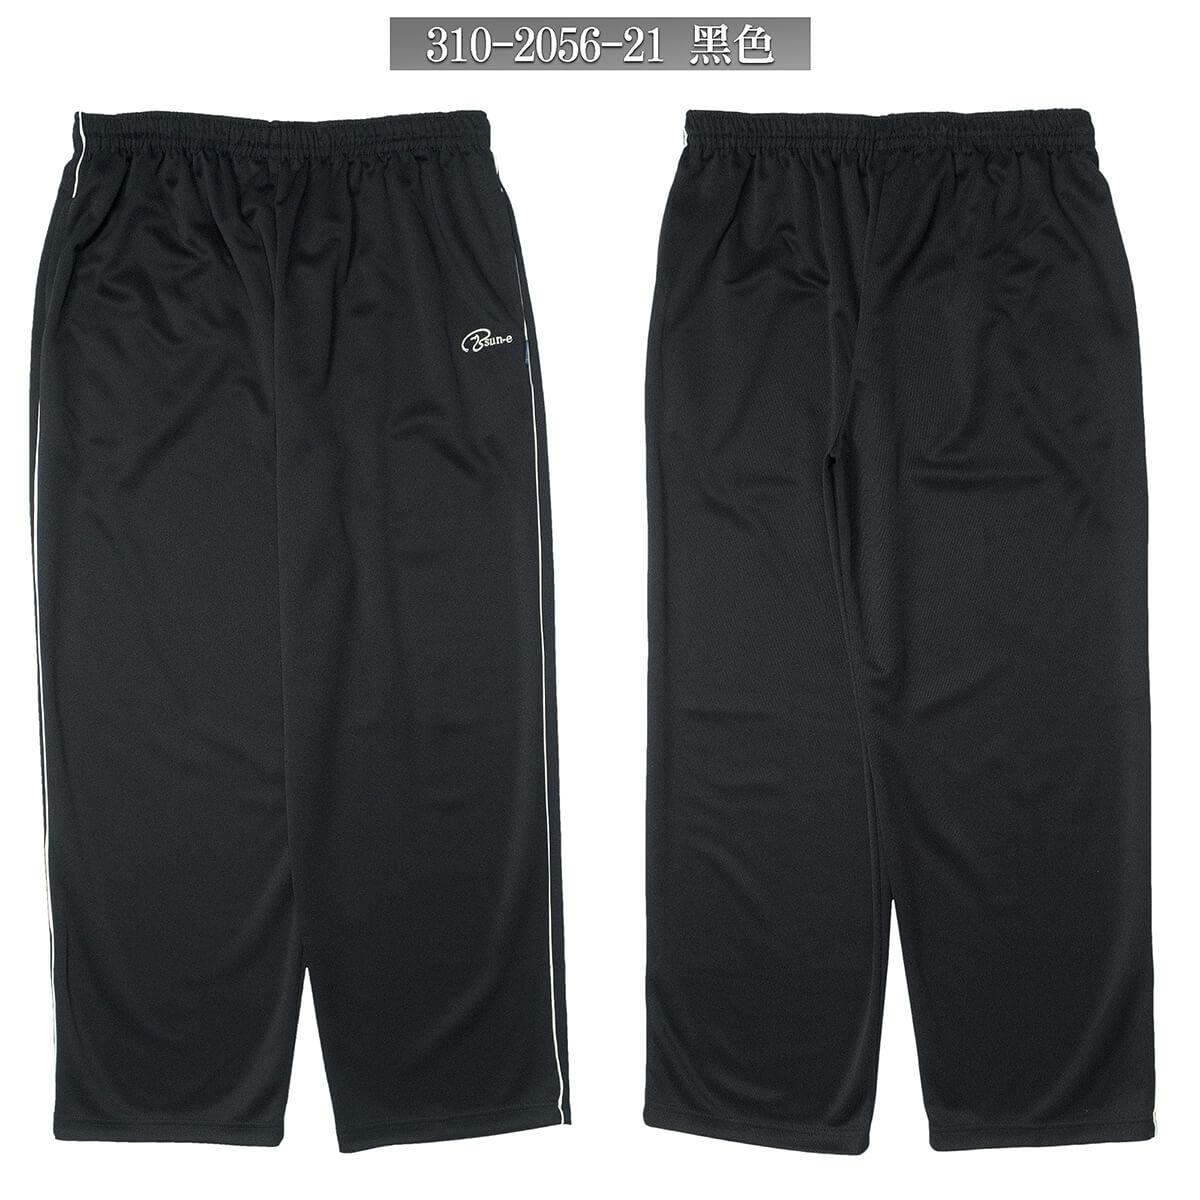 加大尺碼防潑水長褲 保暖台灣製長褲 防風休閒長褲 褲管無縮口彈性長褲 大尺碼男裝 全腰圍鬆緊帶休閒褲 黑色長褲 Made In Taiwan Big And Tall Water Repellent Pants Casual Pants (310-2056-08)深藍色、(310-2056-21)黑色、(310-2056-22)深灰色 4L 5L (腰圍:97~119公分  /  38~47英吋) 男女可穿 [實體店面保障] sun-e 1